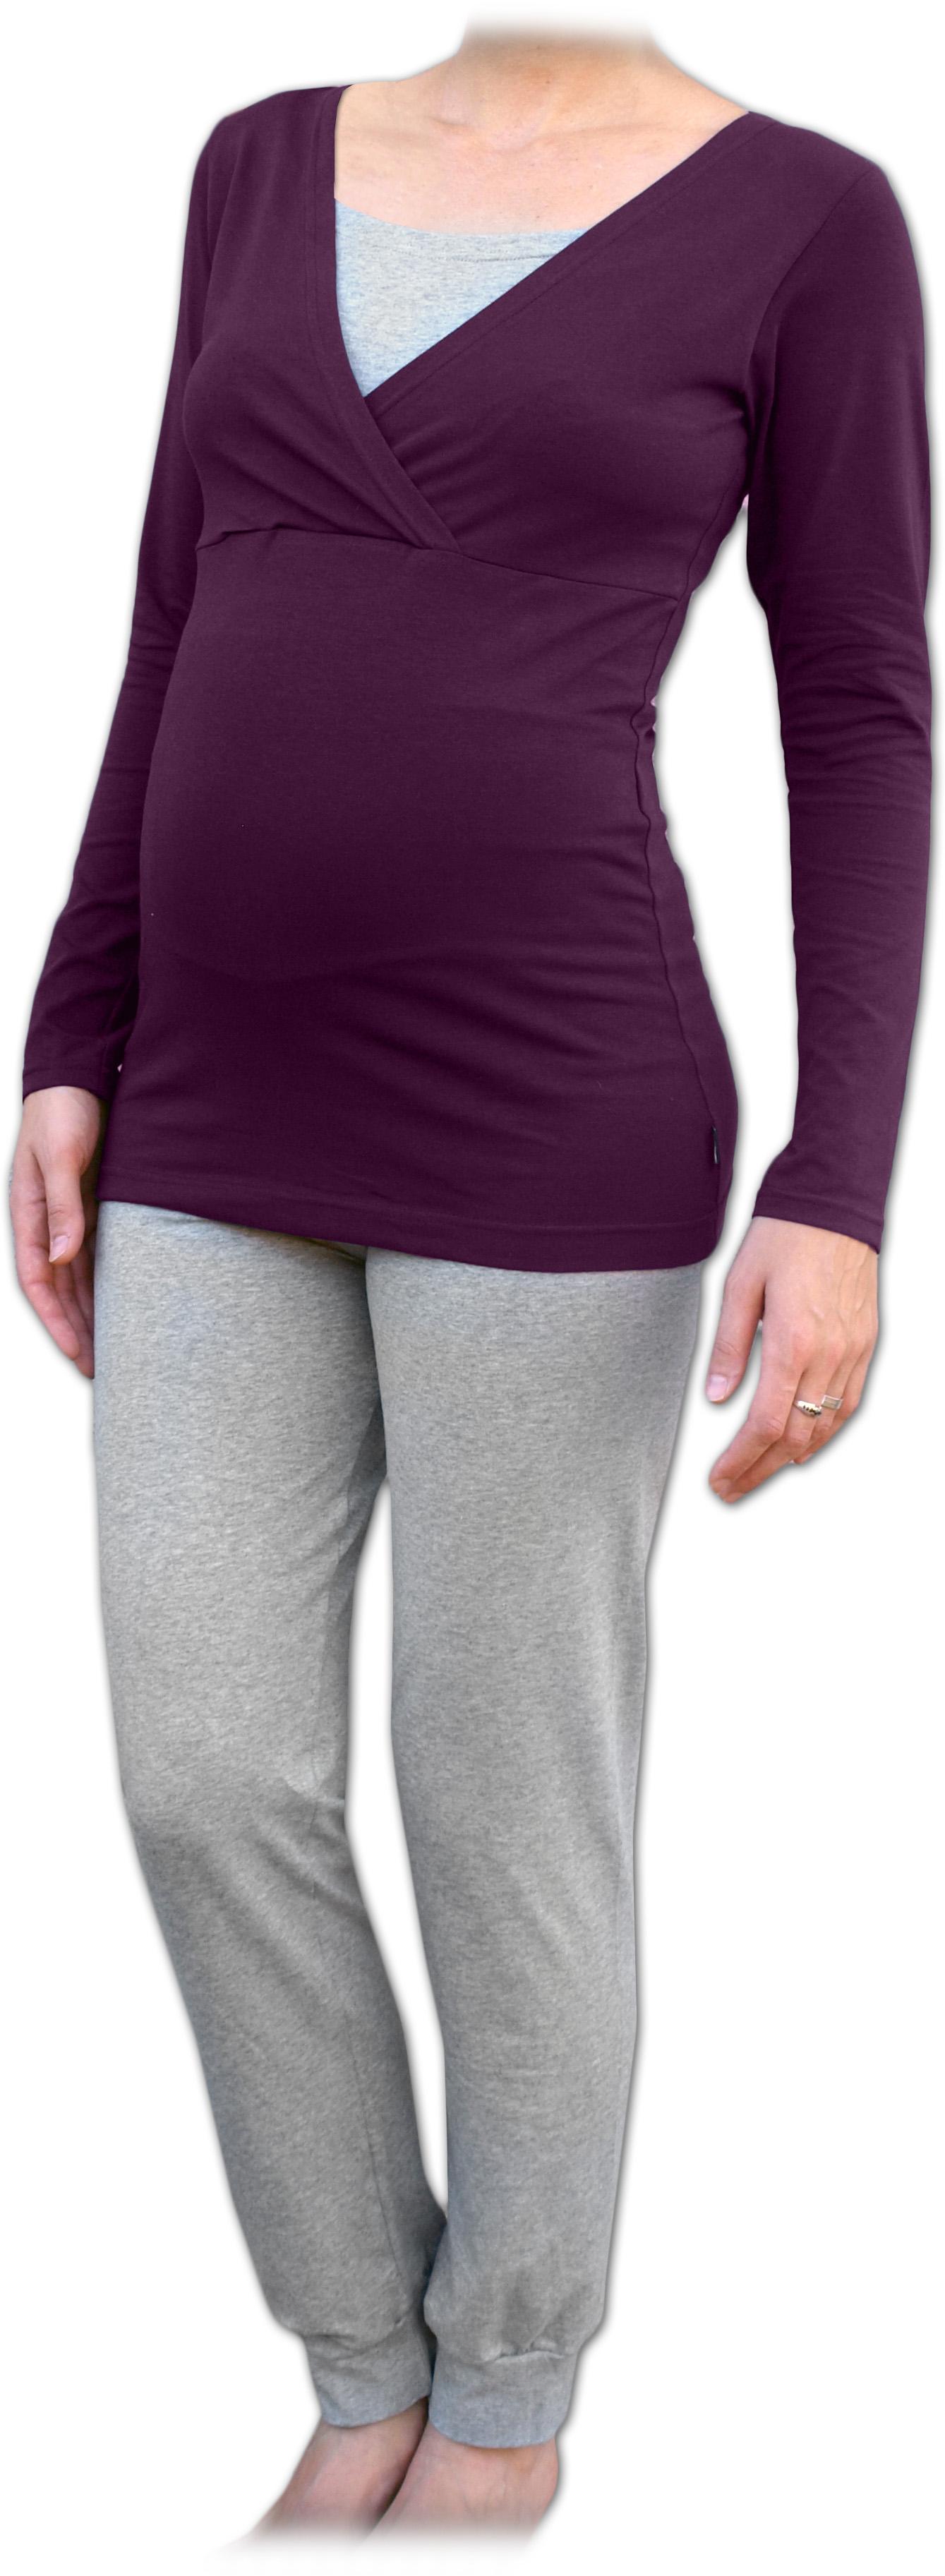 Těhotenské a kojicí pyžamo, dlouhé, švestkově fialové+šedý melír l/xl